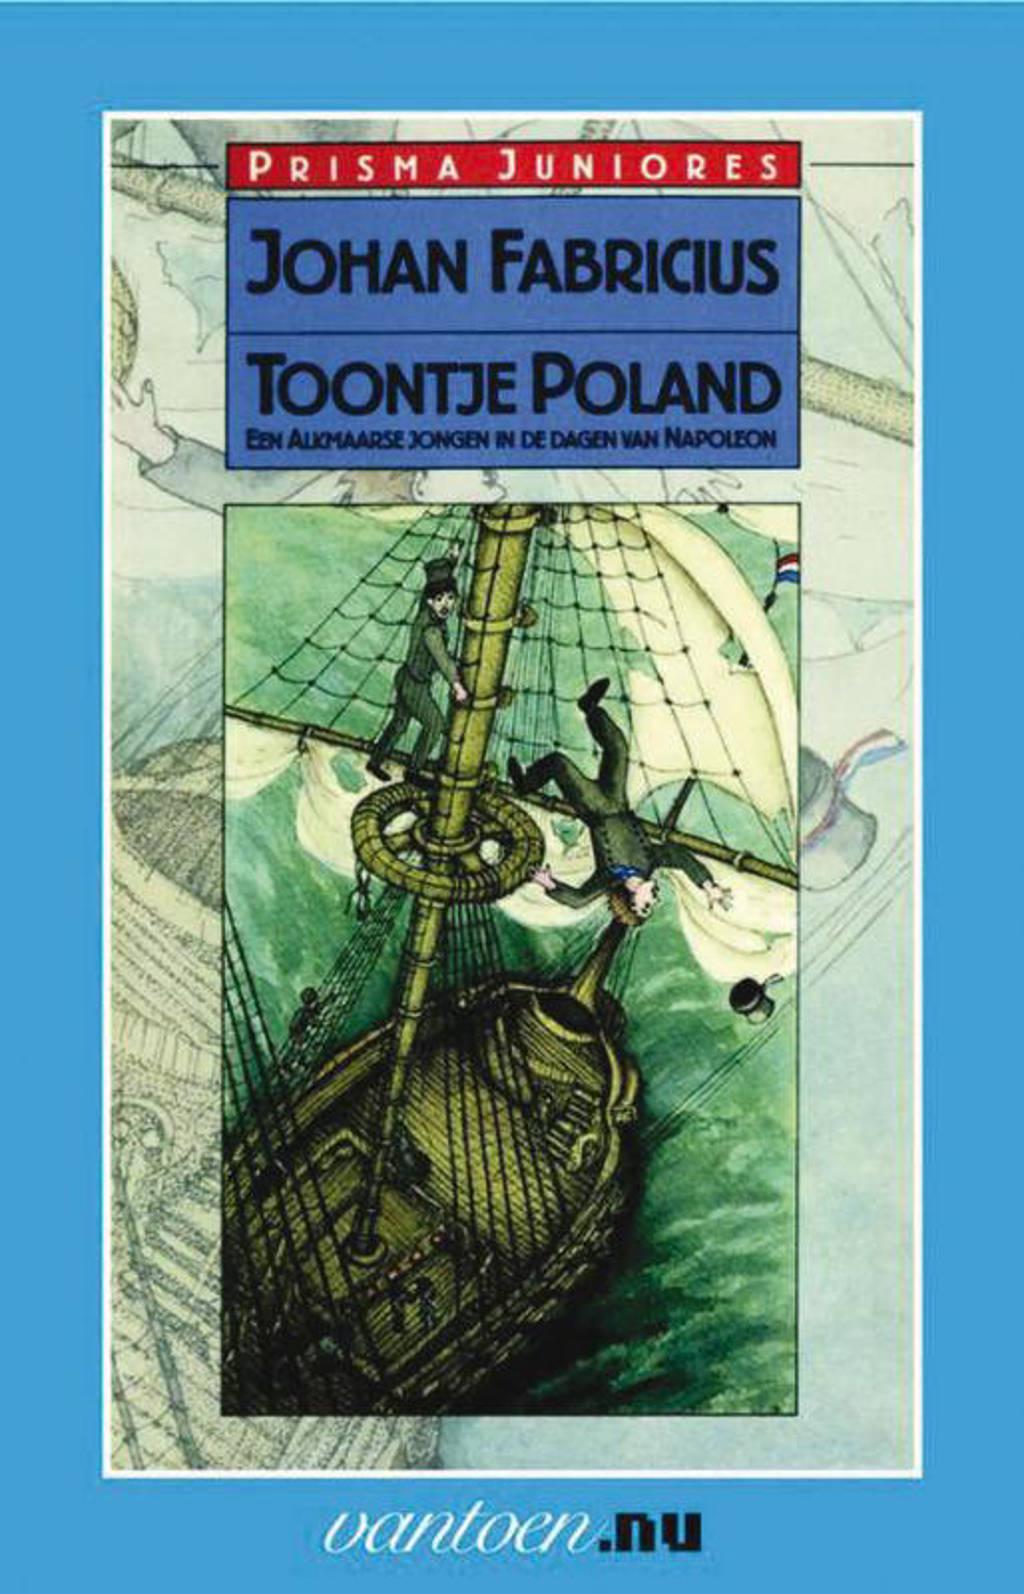 Vantoen.nu Toontje Poland - Johan Fabricius